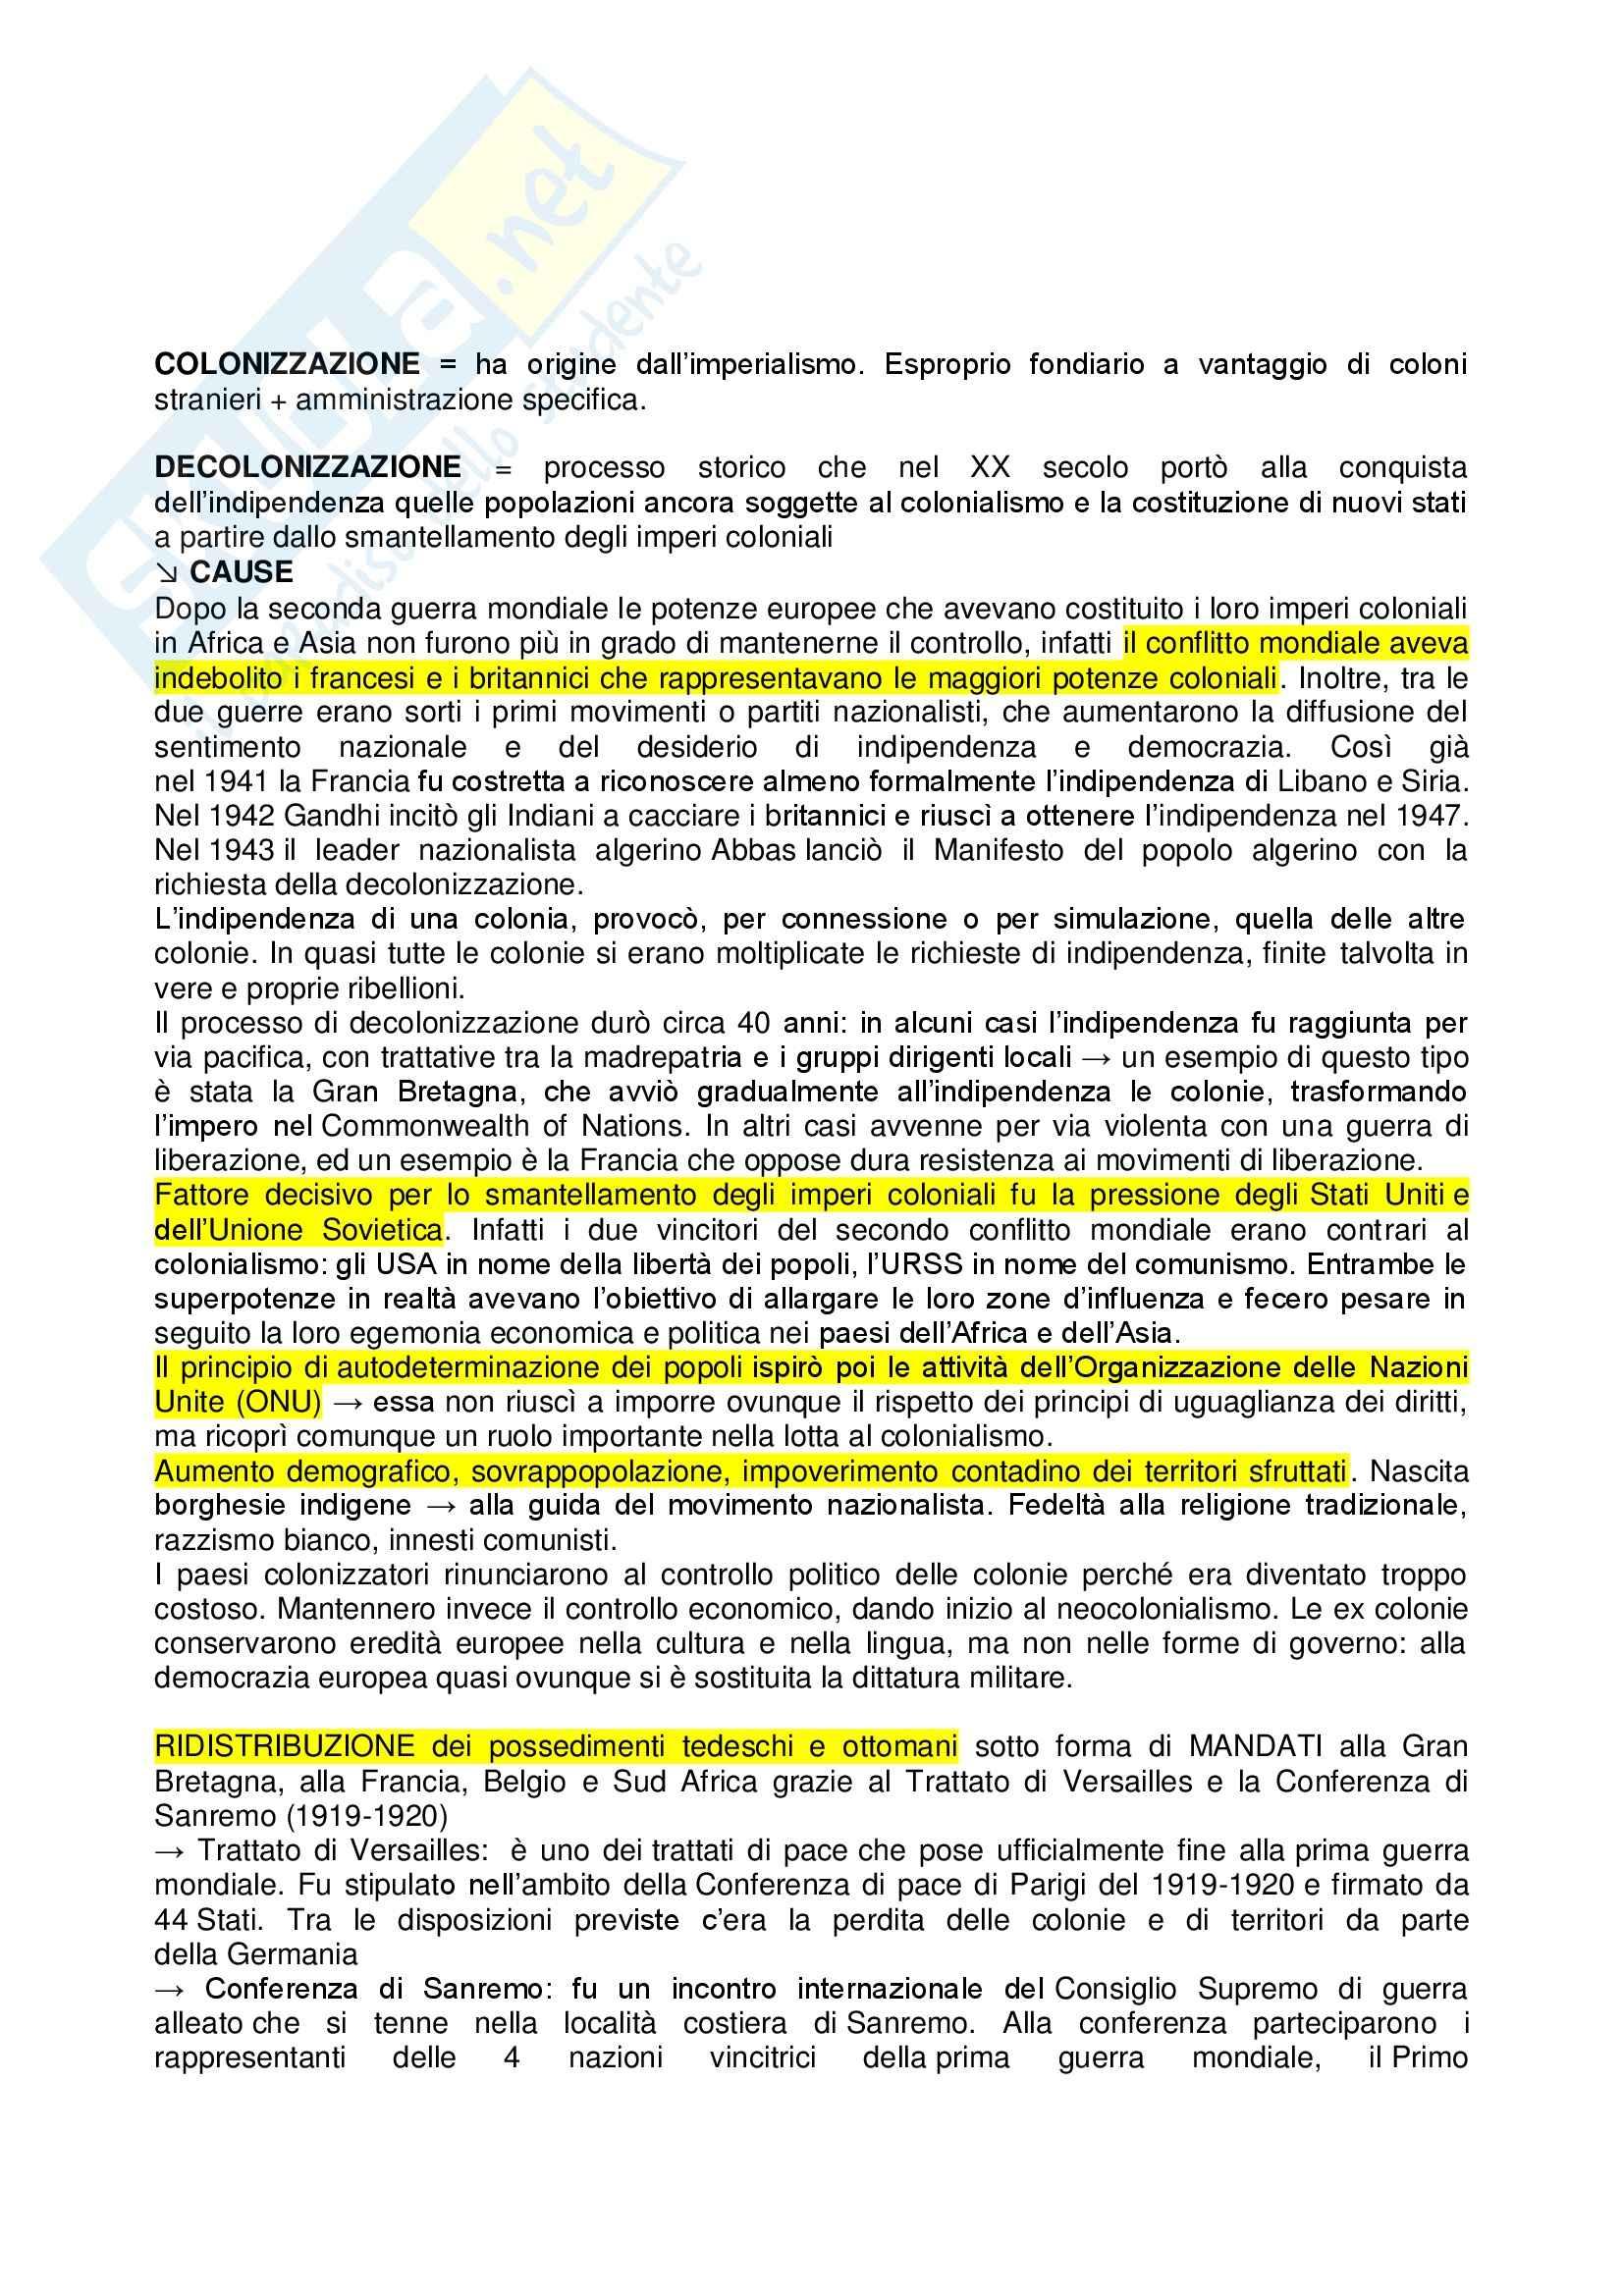 Riassunto esame Storia contemporanea, prof. Bevilacqua, libro consigliato Storia della decolonizzazione nel XX secolo, Droz